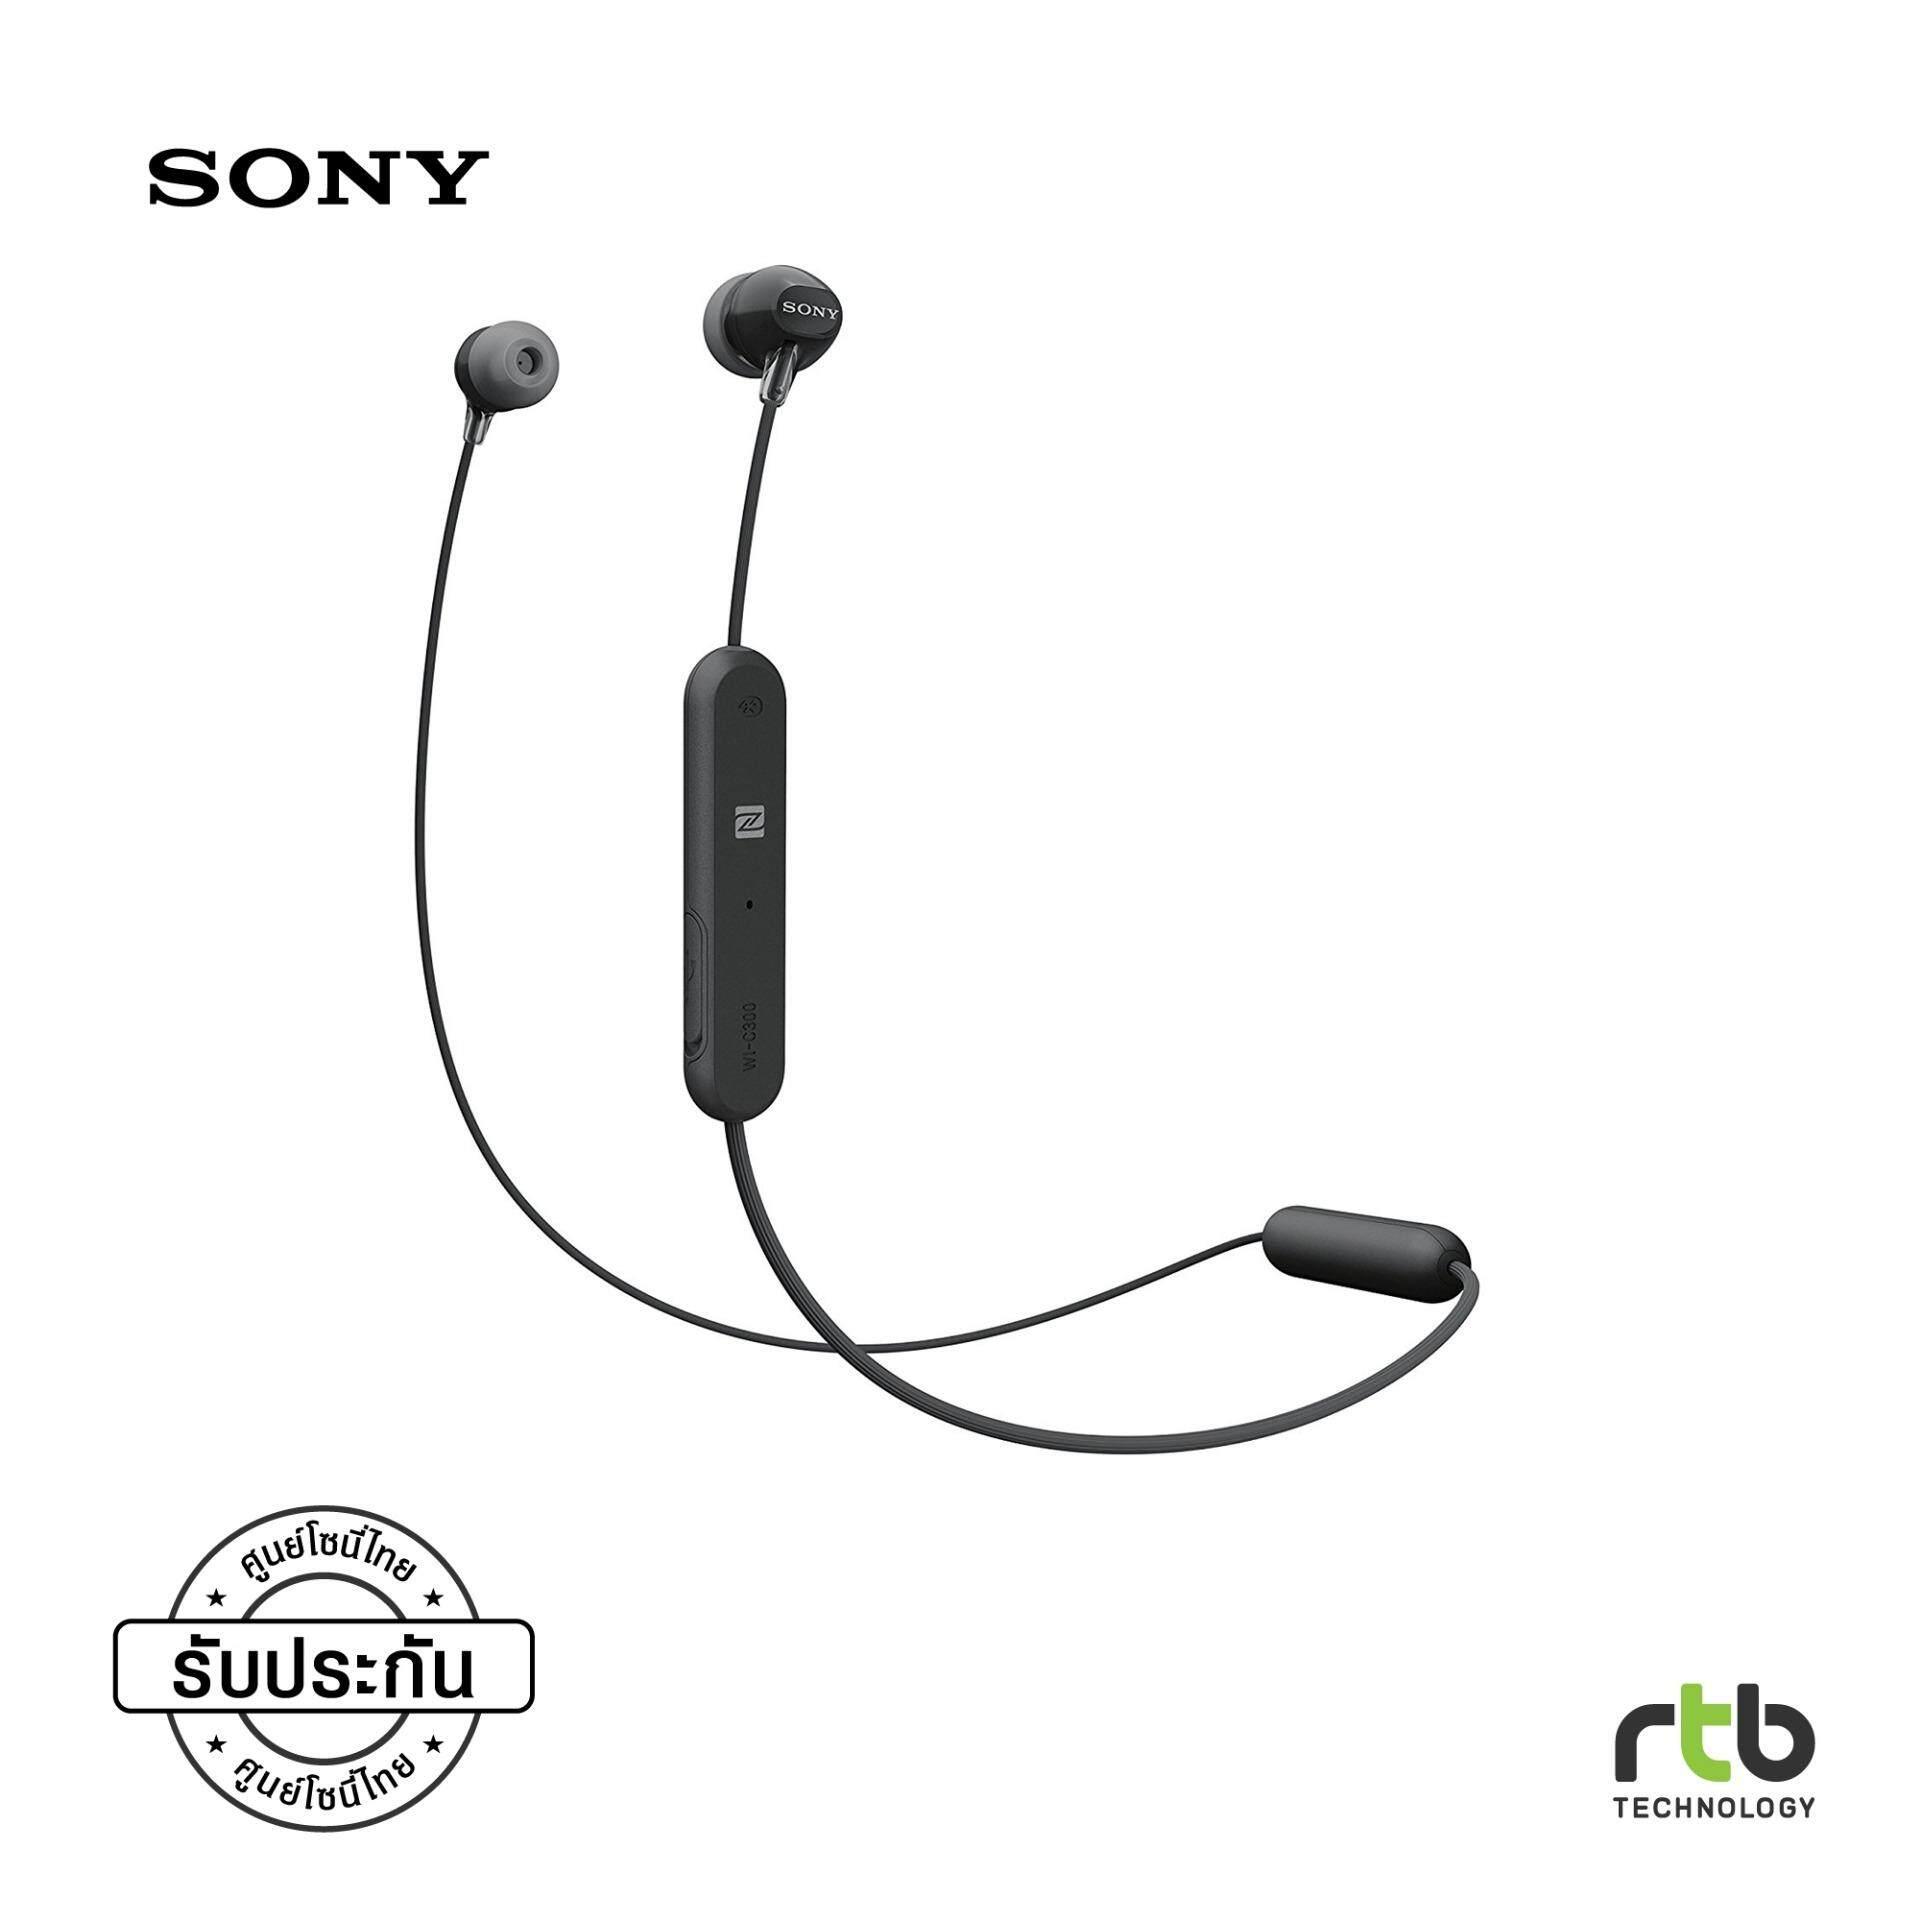 หูฟังไร้สาย Sony รุ่น WI C300 - Black จะร้อนไปไหน Sony เปิดตัวแอร์พกพาติดที่เสื้อ สั่งงานผ่านมือถือ ลดอุณภูมิได้กว่า 13 องศา - จะร้อนไปไหน Sony เปิดตัวแอร์พกพาติดที่เสื้อ สั่งงานผ่านมือถือ ลดอุณภูมิได้กว่า 13 องศา